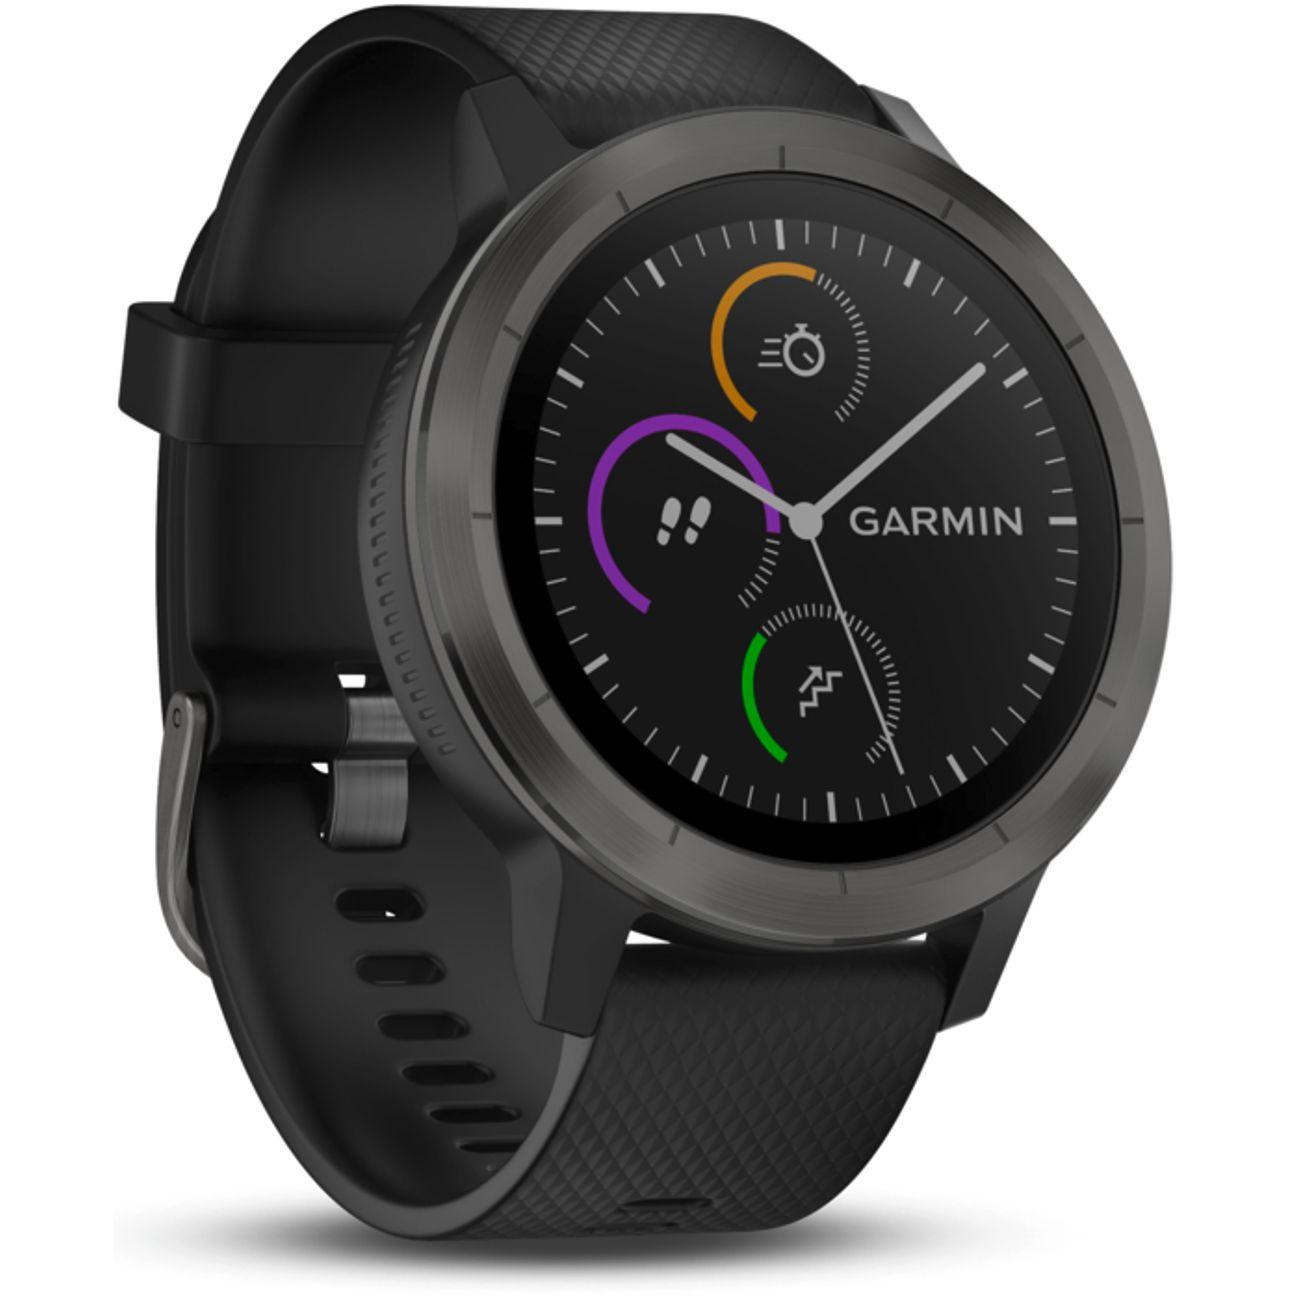 Montre GPS connectée Garmin Vivoactive 3 (Via retrait magasin)